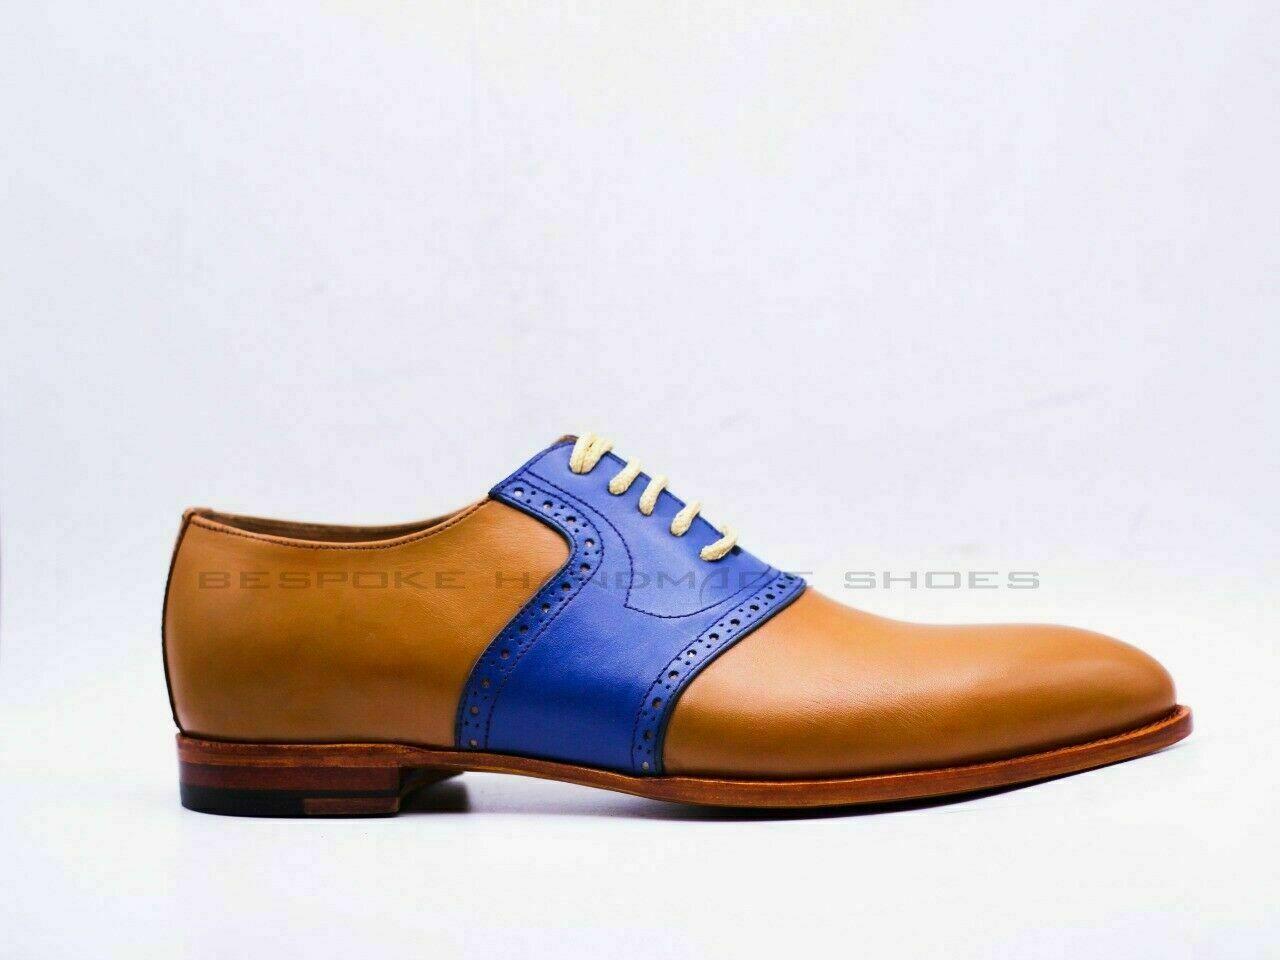 Zapatos De Cordones Formales Derby De Cuero Genuino Y Azul Marino Hechos A Mano Leather Oxfords Leather Heeled Boots Mens Black Dress Shoes [ 960 x 1280 Pixel ]